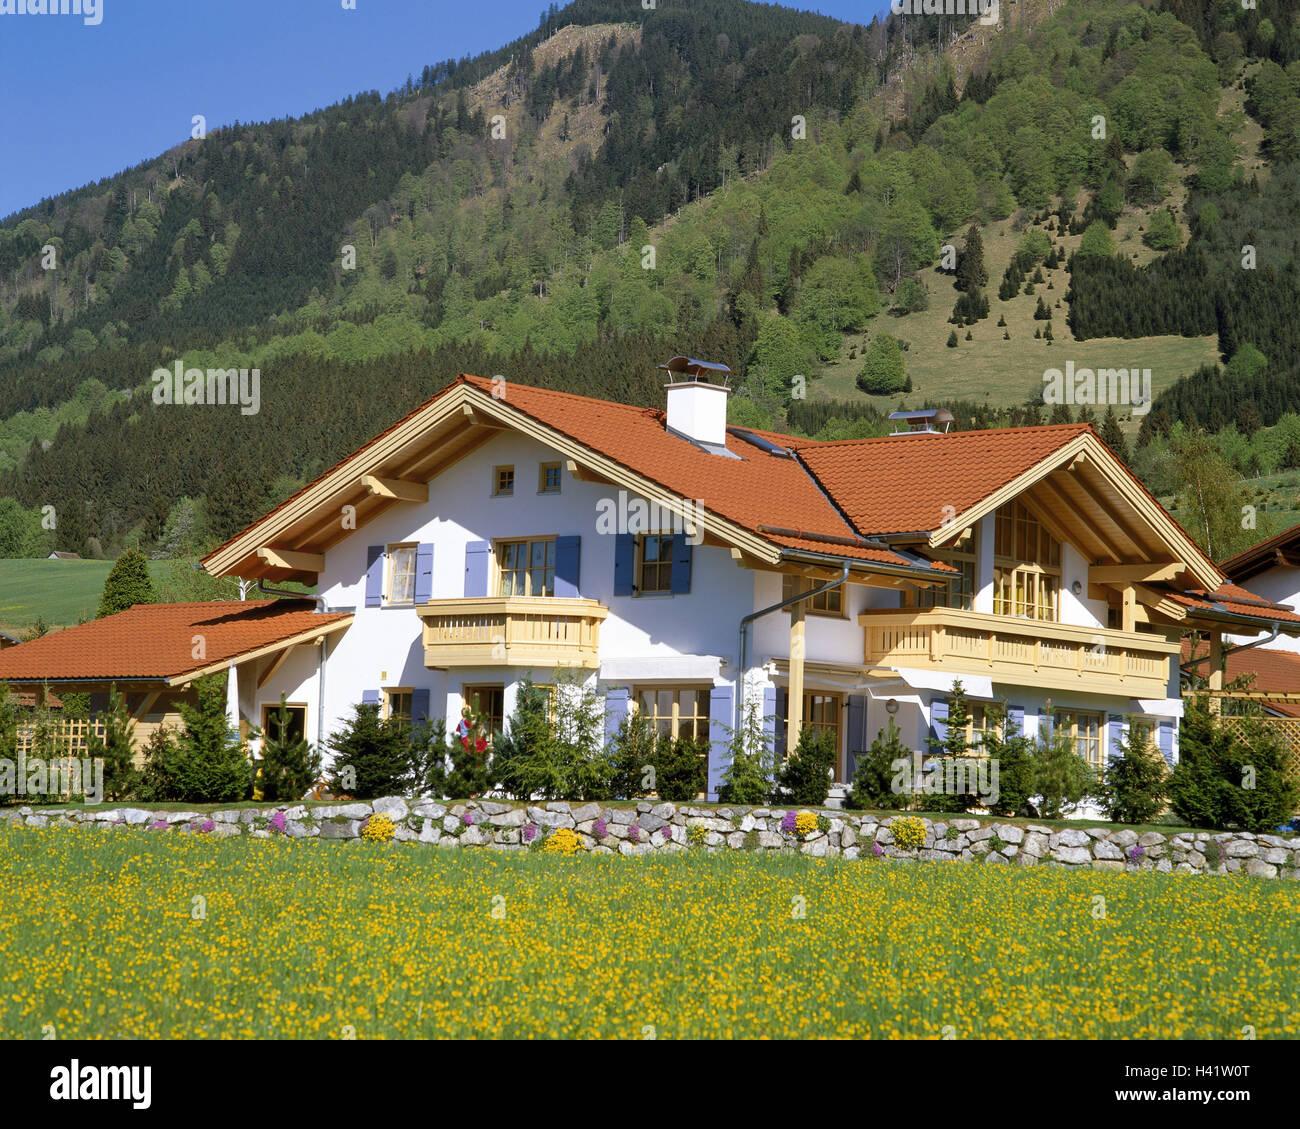 Deutschland allg u nahe f ssen wohnhaus garten europa - Haus der architektur ...